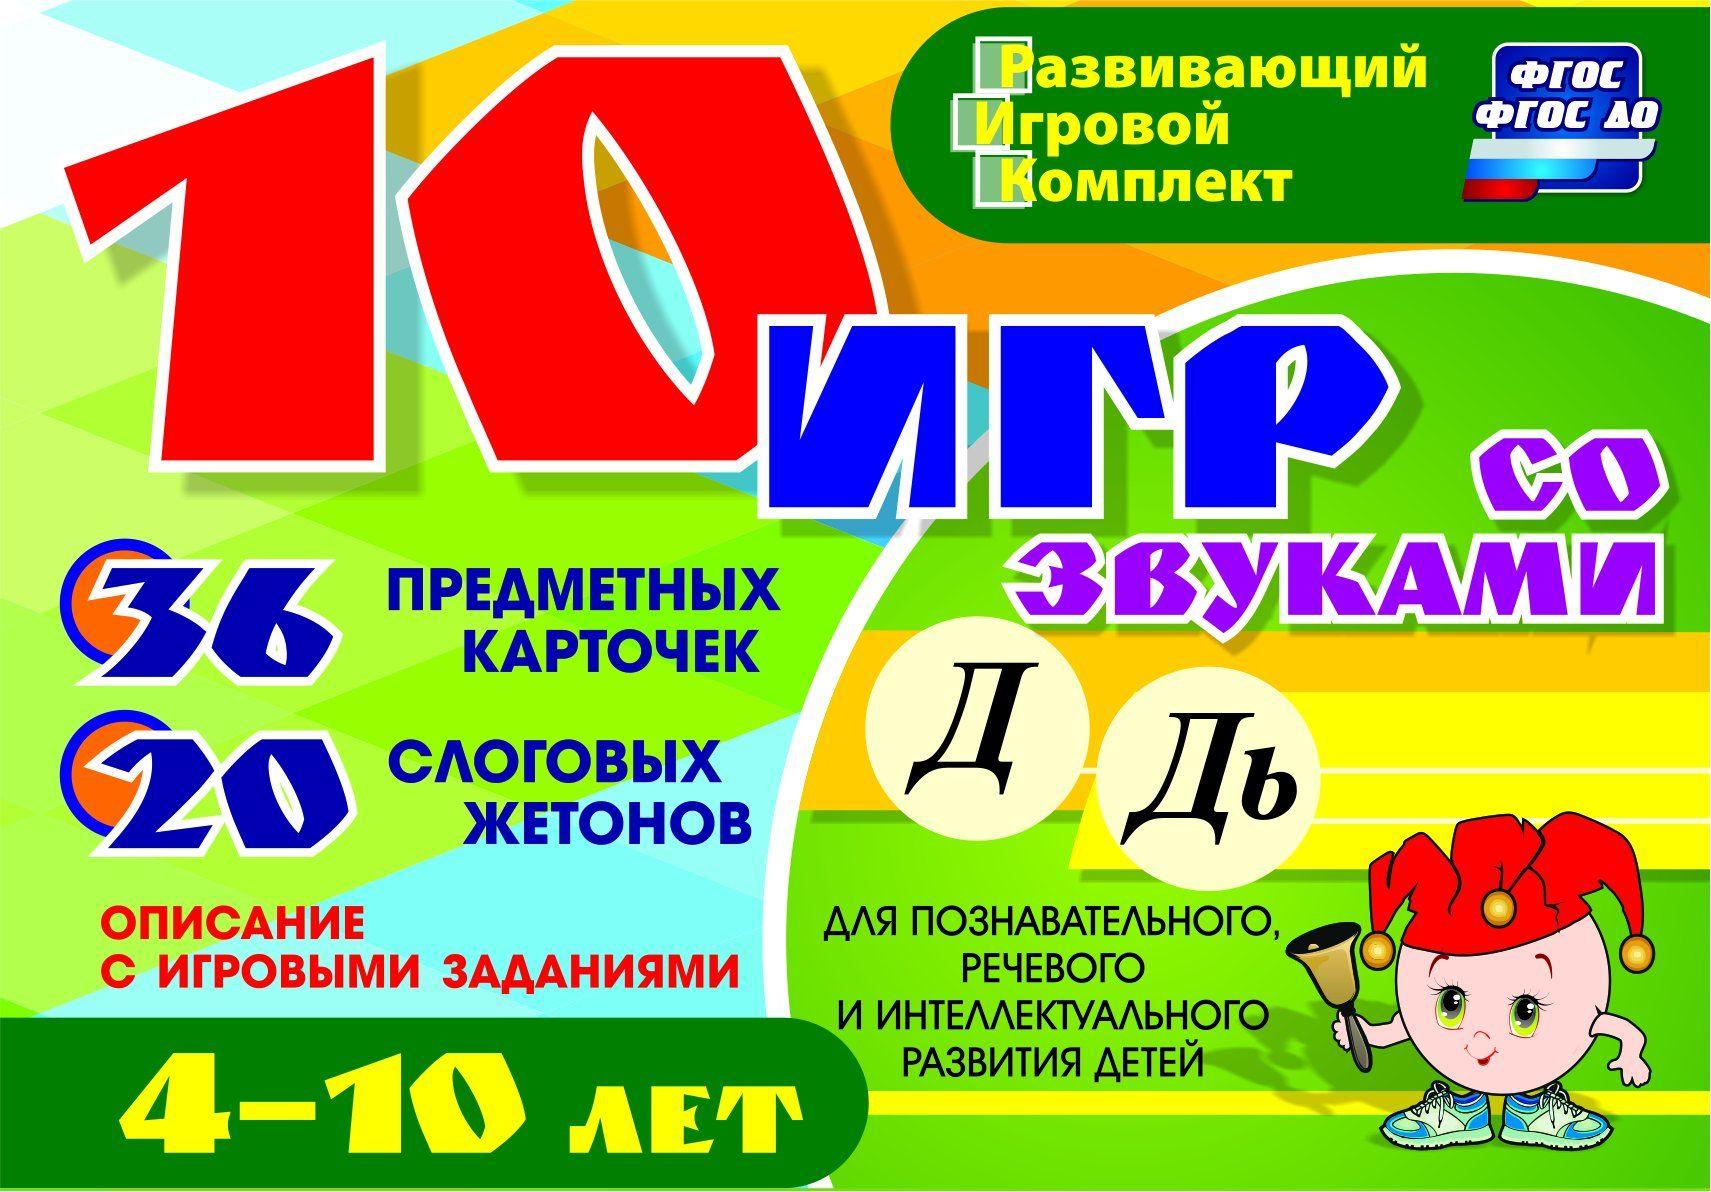 10 игр со звуками Д, Дь для познавательного, речевого и интеллектуального развития детей 4-10 лет: комплект из 36 предметных карточек 20 жетонов в коробочке